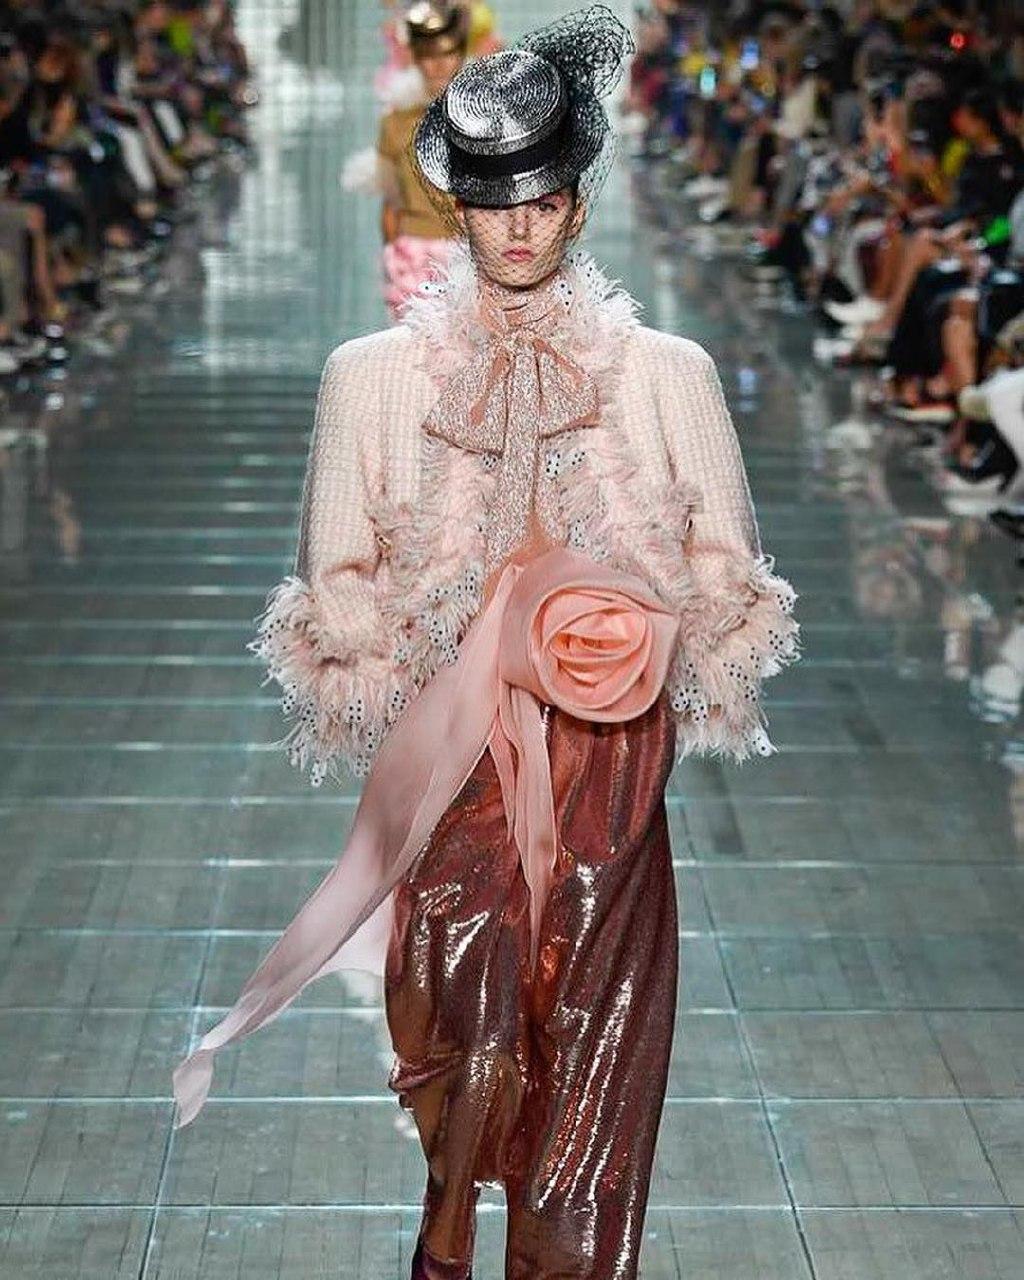 фото «После выпускного улетела в Париж»: бердчанка рассказала, как стала моделью в 16 лет, снялась для Dior и объехала 25 стран 6